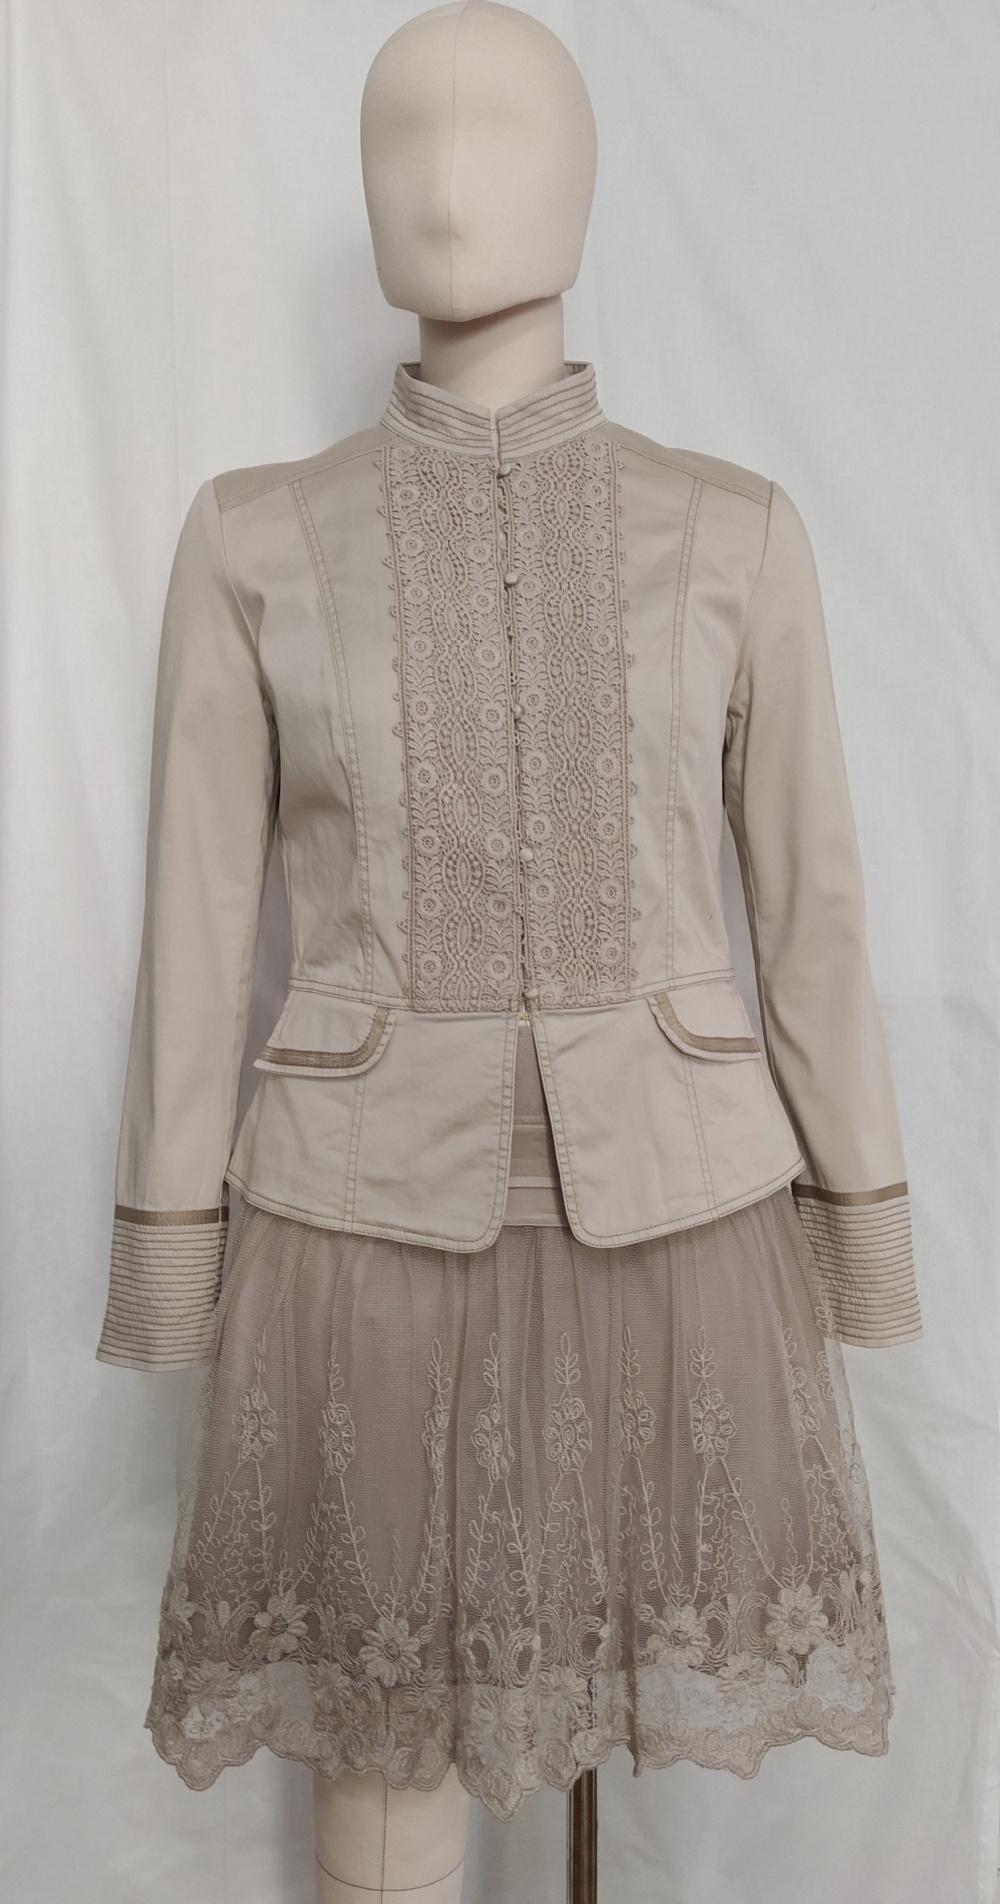 Пиджак с шитьем, Promod, L, M